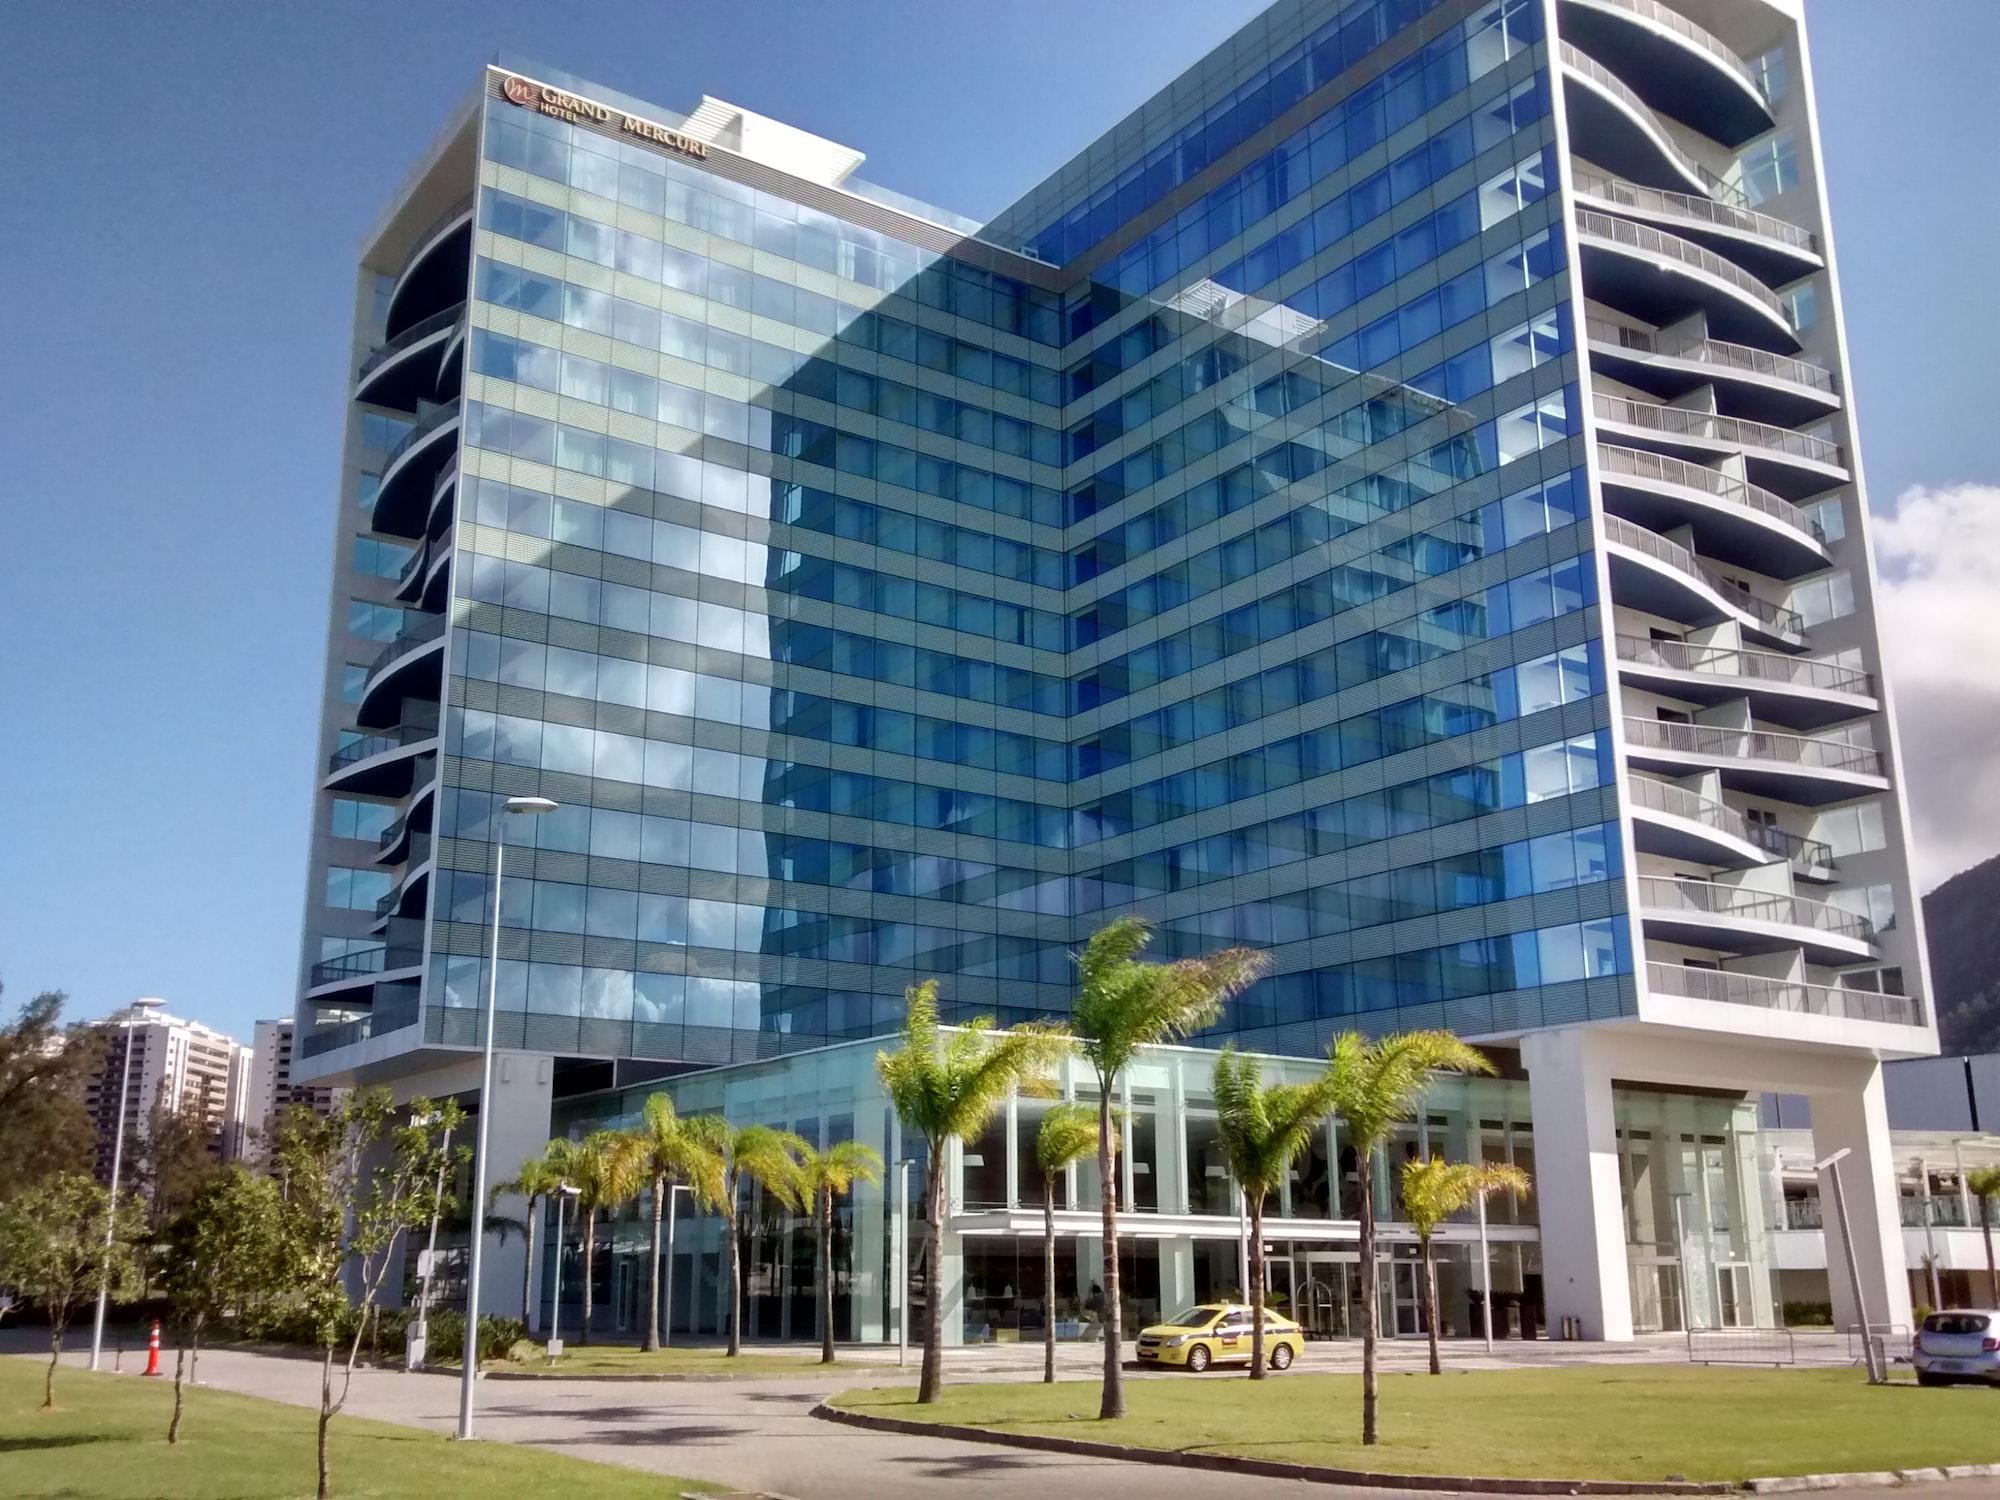 Architecture - Recreio dos Bandeirantes, Brazil